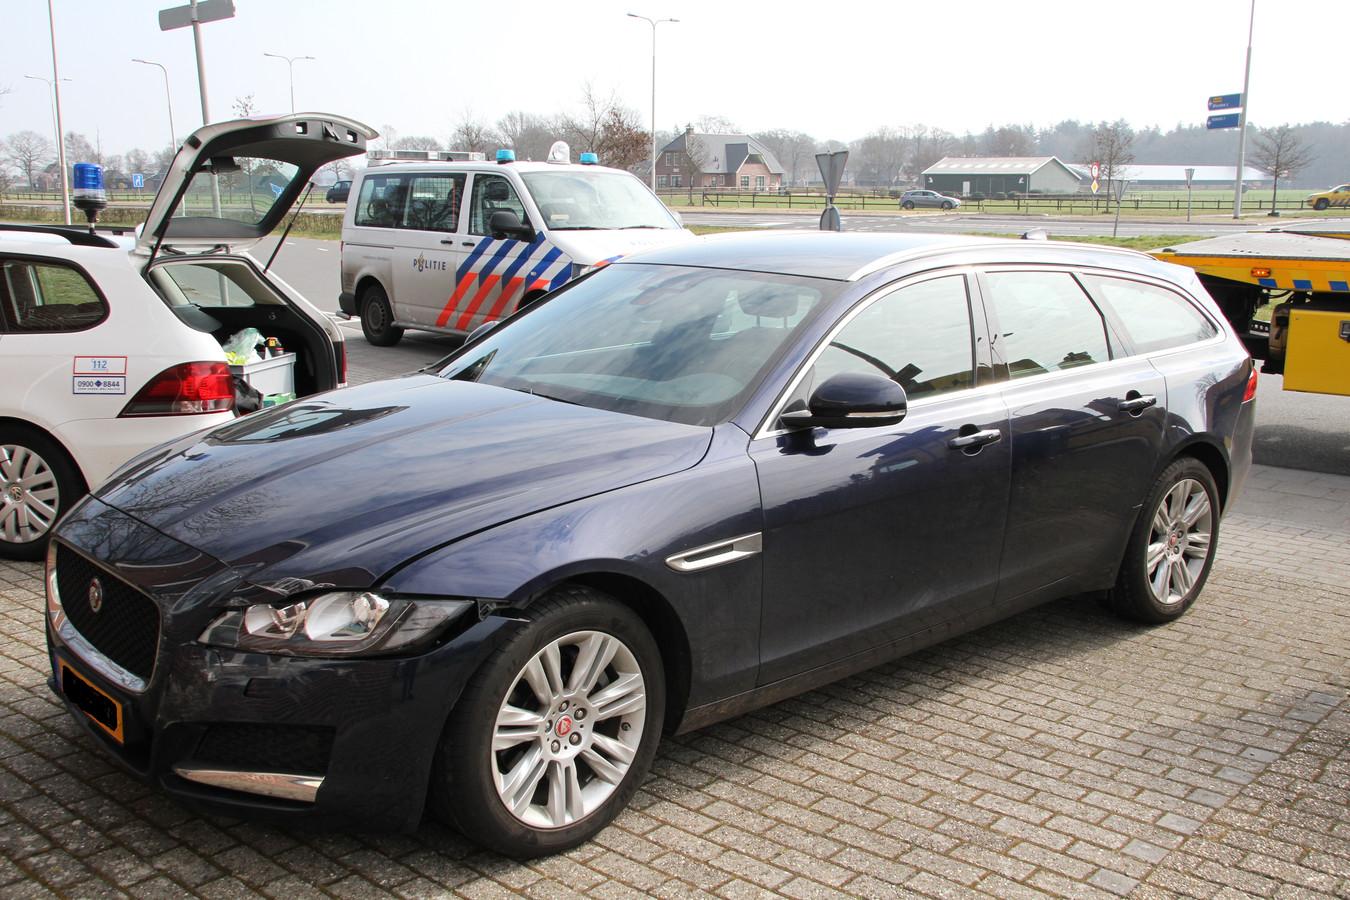 De Jaguar XF. Het is op de foto niet goed te zien, maar de auto is linksvoor (voor de lezer rechts) beschadigd.